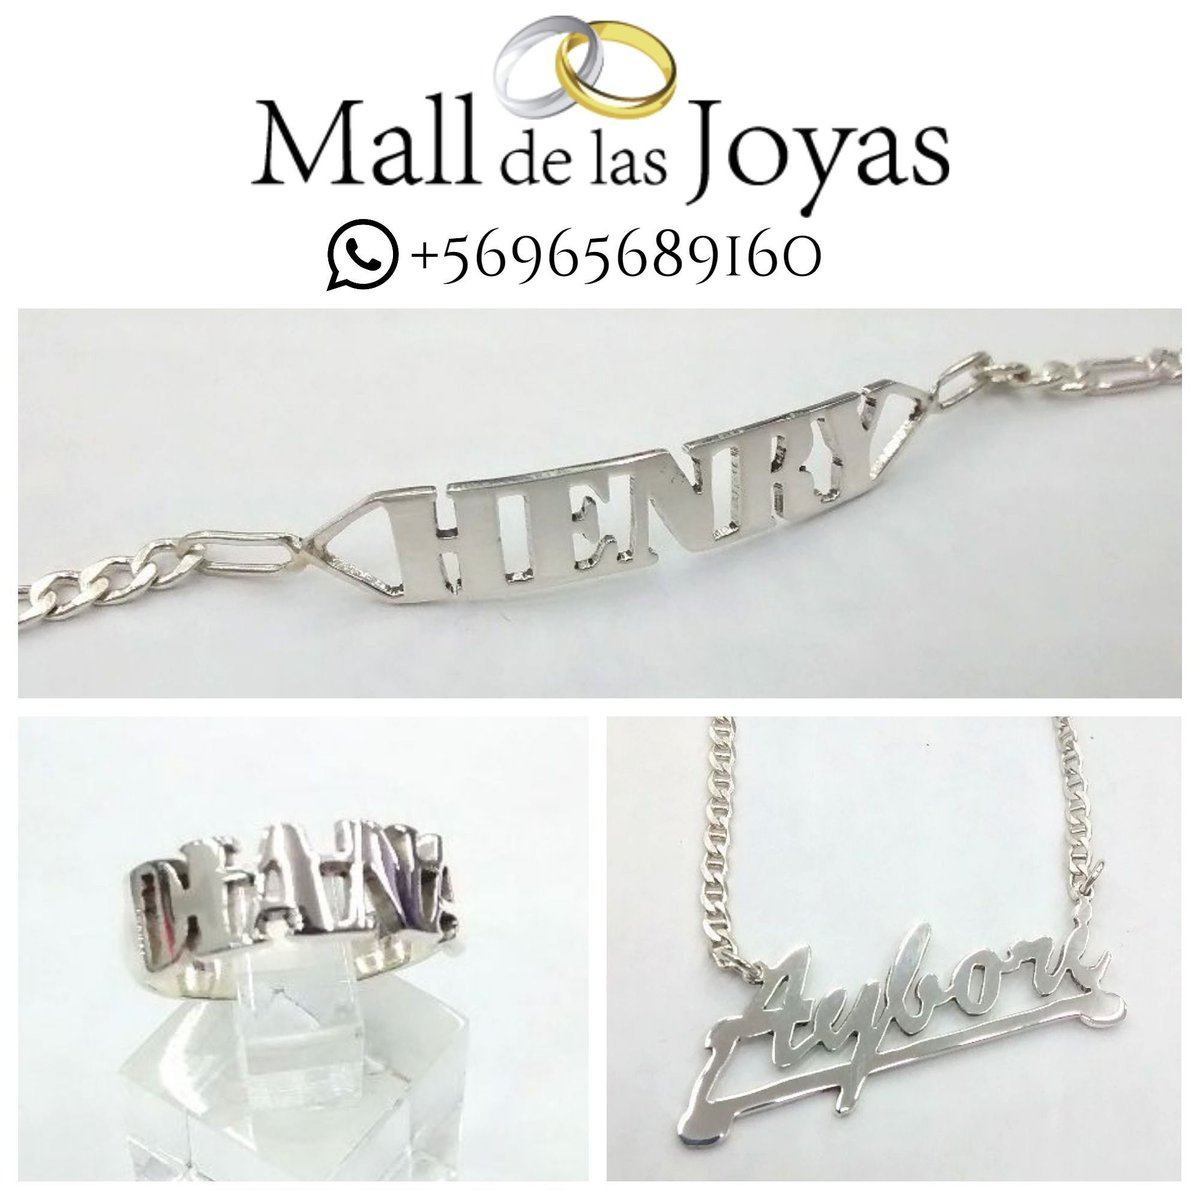 0e223048b84c  chile  santiago  mayorista  oportunidad  venta  joyeria  joyas  plata  oro   cadenas  anillos  aros  pulseras  emprendimiento  negociopic.twitter.com   ...